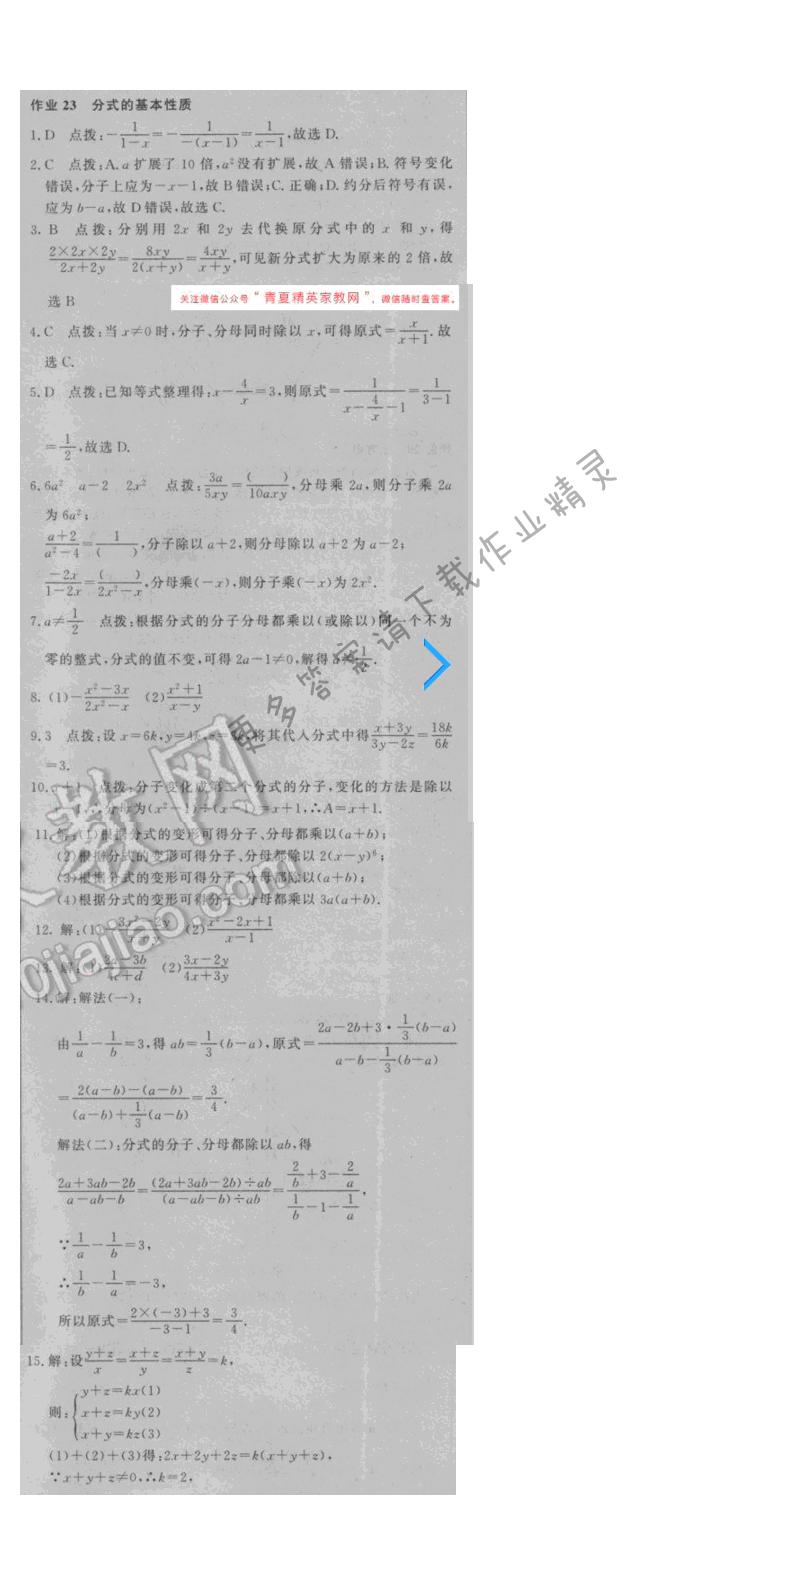 2016年启东中学作业本八年级数学下册江苏版 第十章 作业23